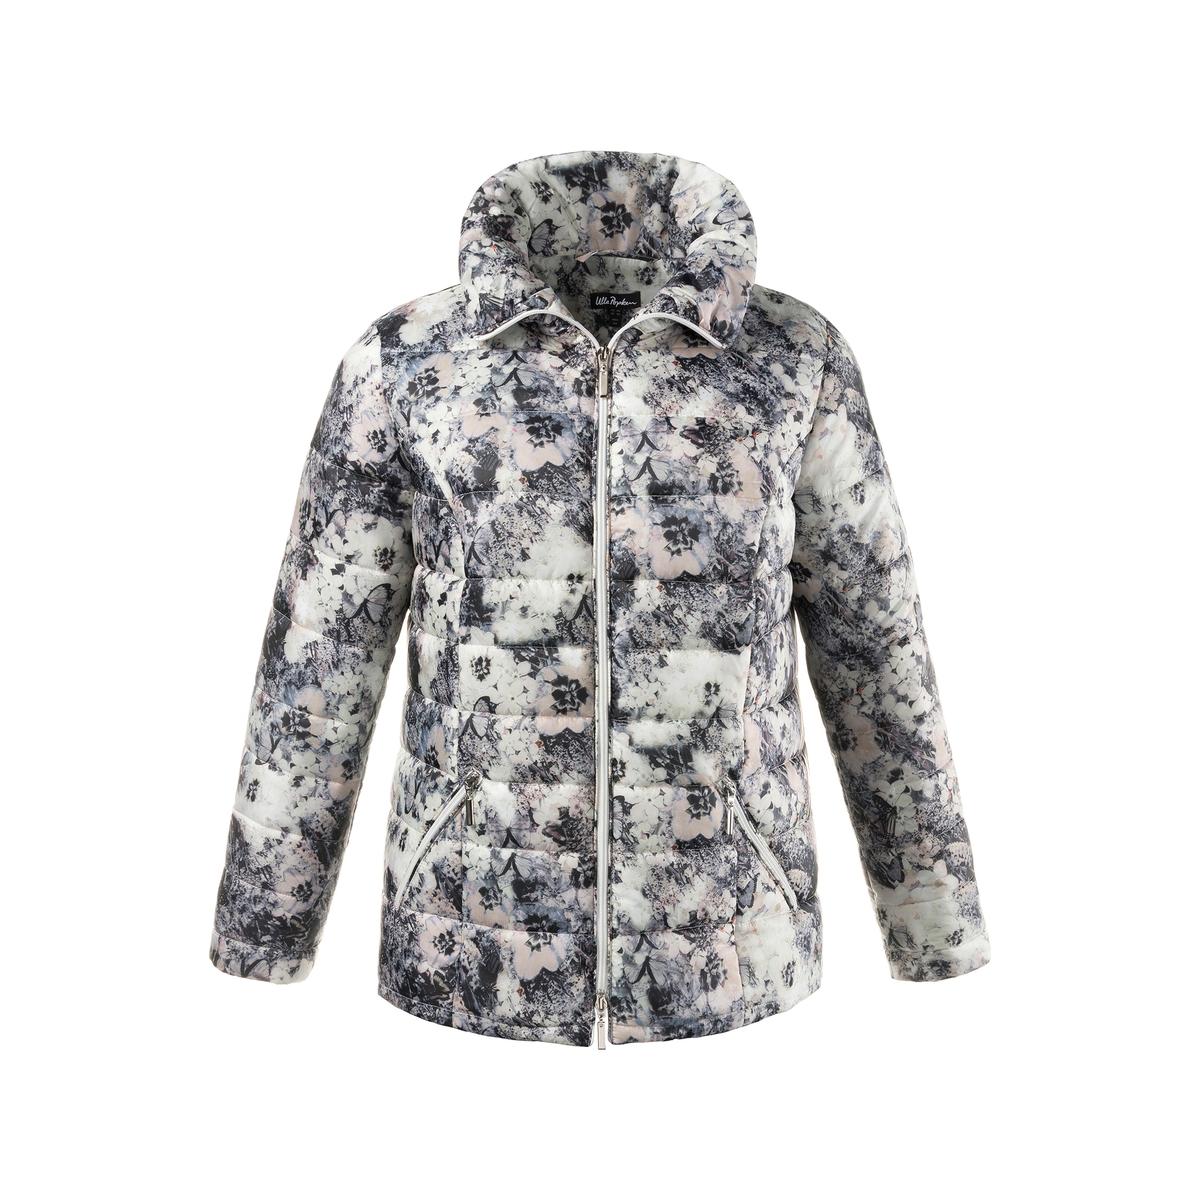 Куртка стеганаяКуртка ULLA POPKEN. 100% полиэстер. Стеганая куртка с модным цветочным принтом - легкая и теплая . Прямой воротник, застежка на молнию с 2 бегунками, 2 кармана на молнии и длинные рукава . Полноценная подкладка, карман на молнии . Длина, в зависимости от размера, от 72 до 82 см.<br><br>Цвет: набивной рисунок